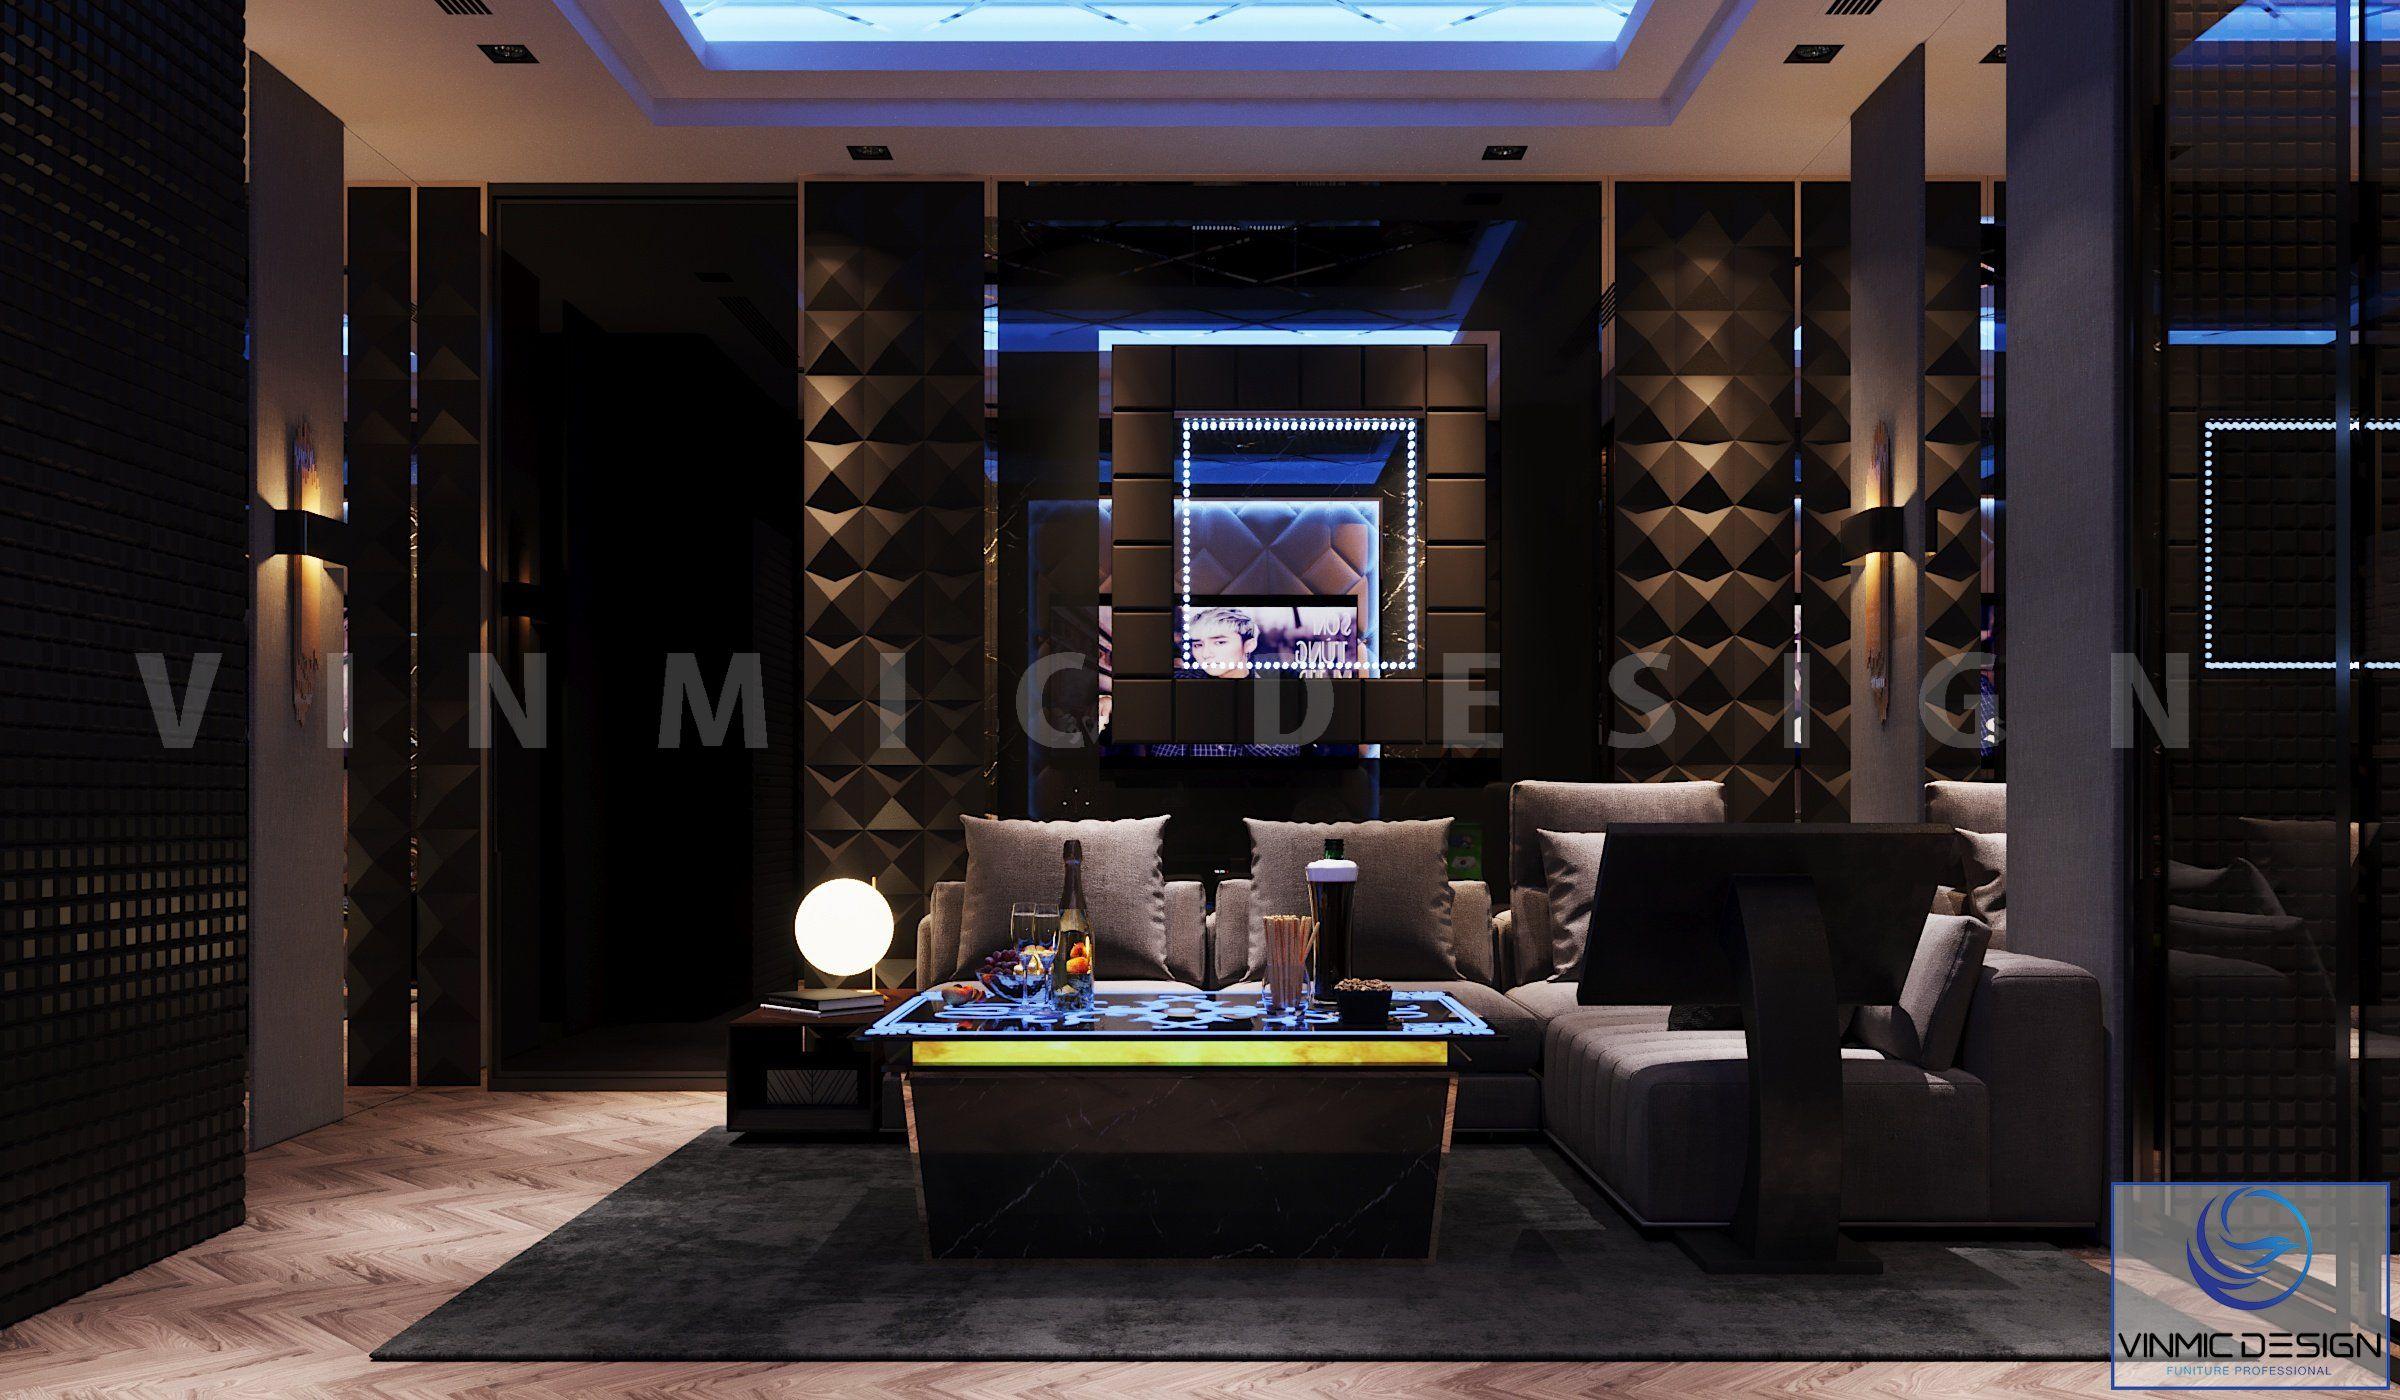 thiết kế biệt thự đẹp với phòng hát karaoke ấn tượng tại Vinhomes Imperia Hải Phòng